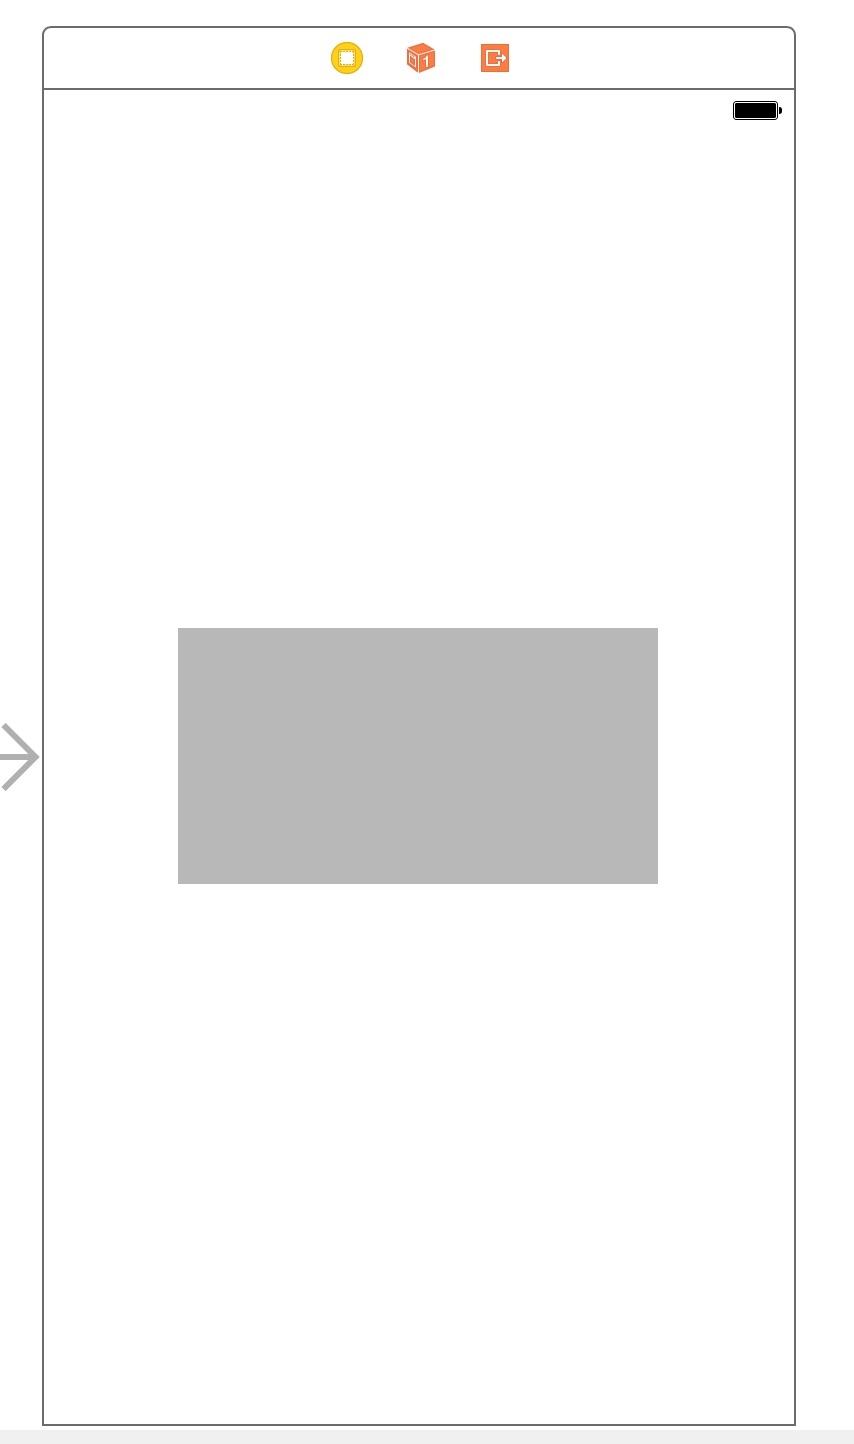 Анимированные Линии в iOS - 2